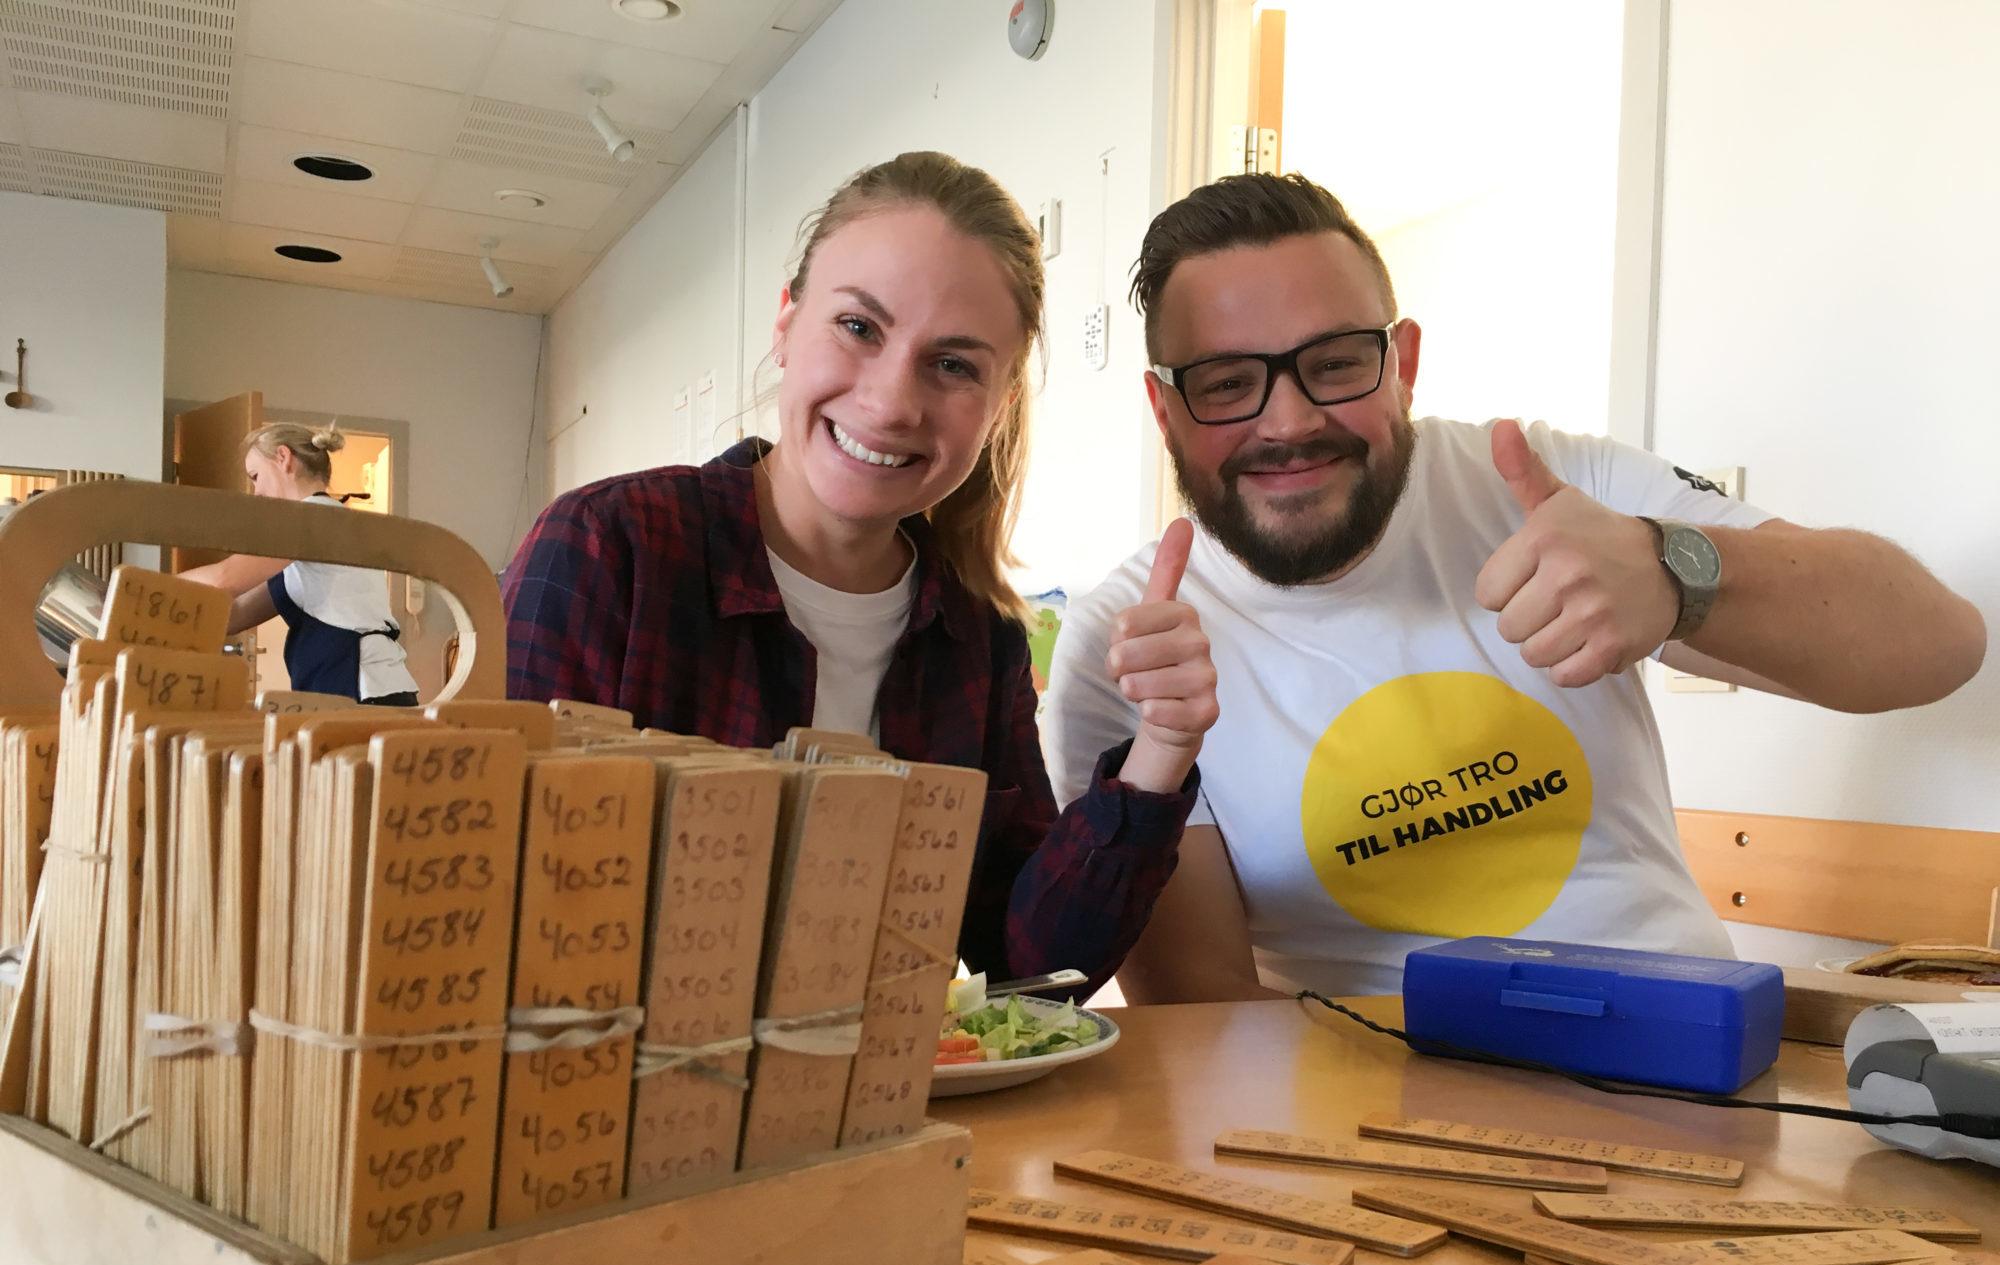 Lappelunsj basar Caroline Ole Severin gjør tro til handling årer innsamling smil tommel opp